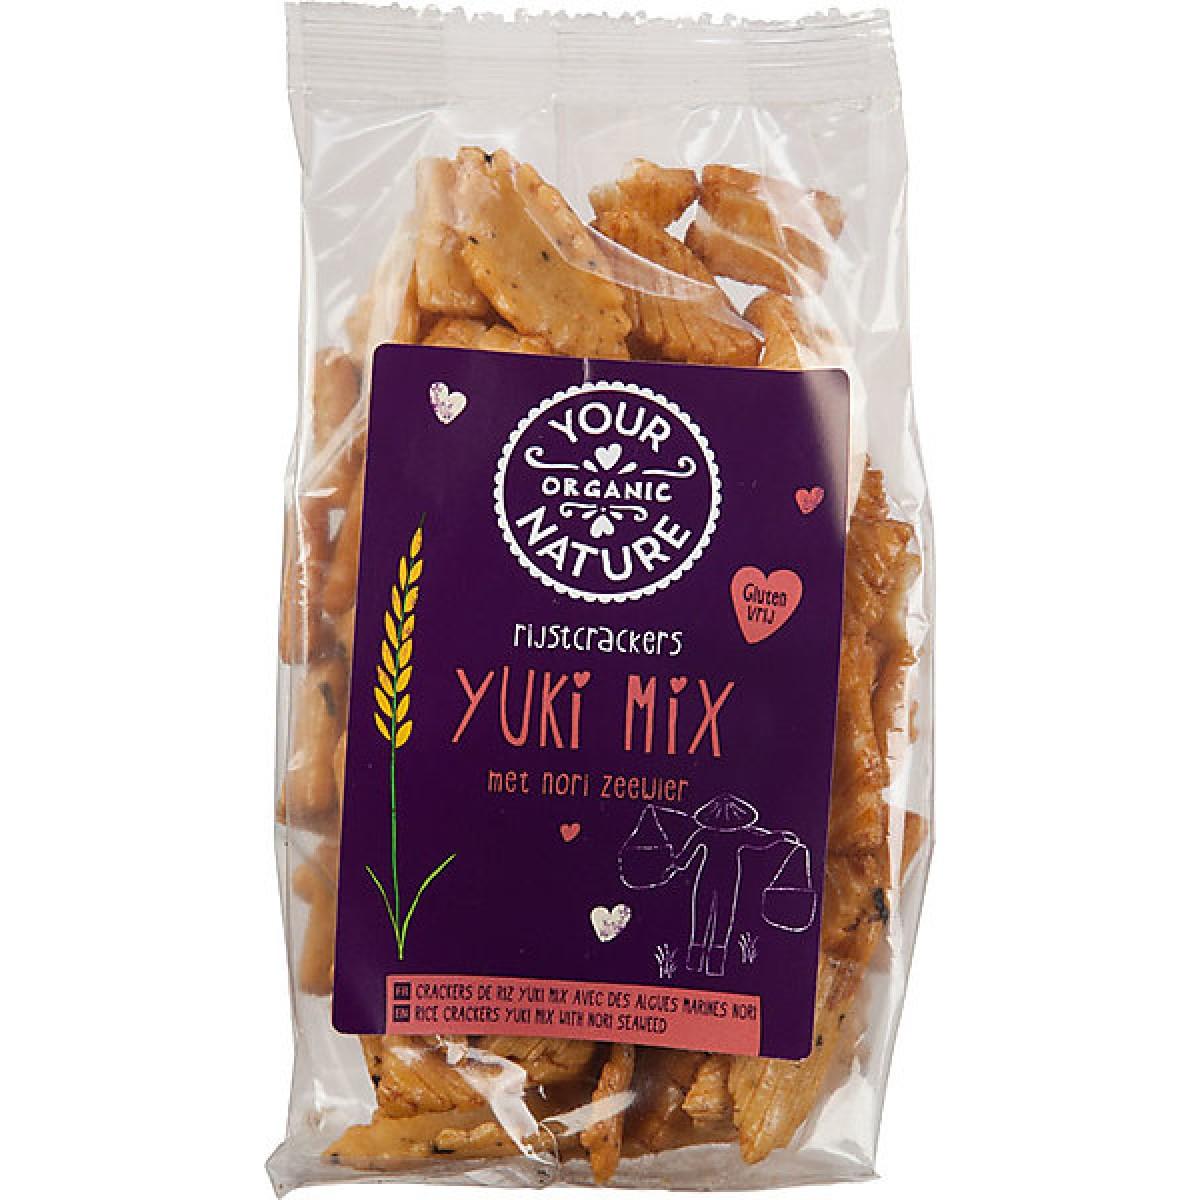 Rijstcrackers Yuki Mix